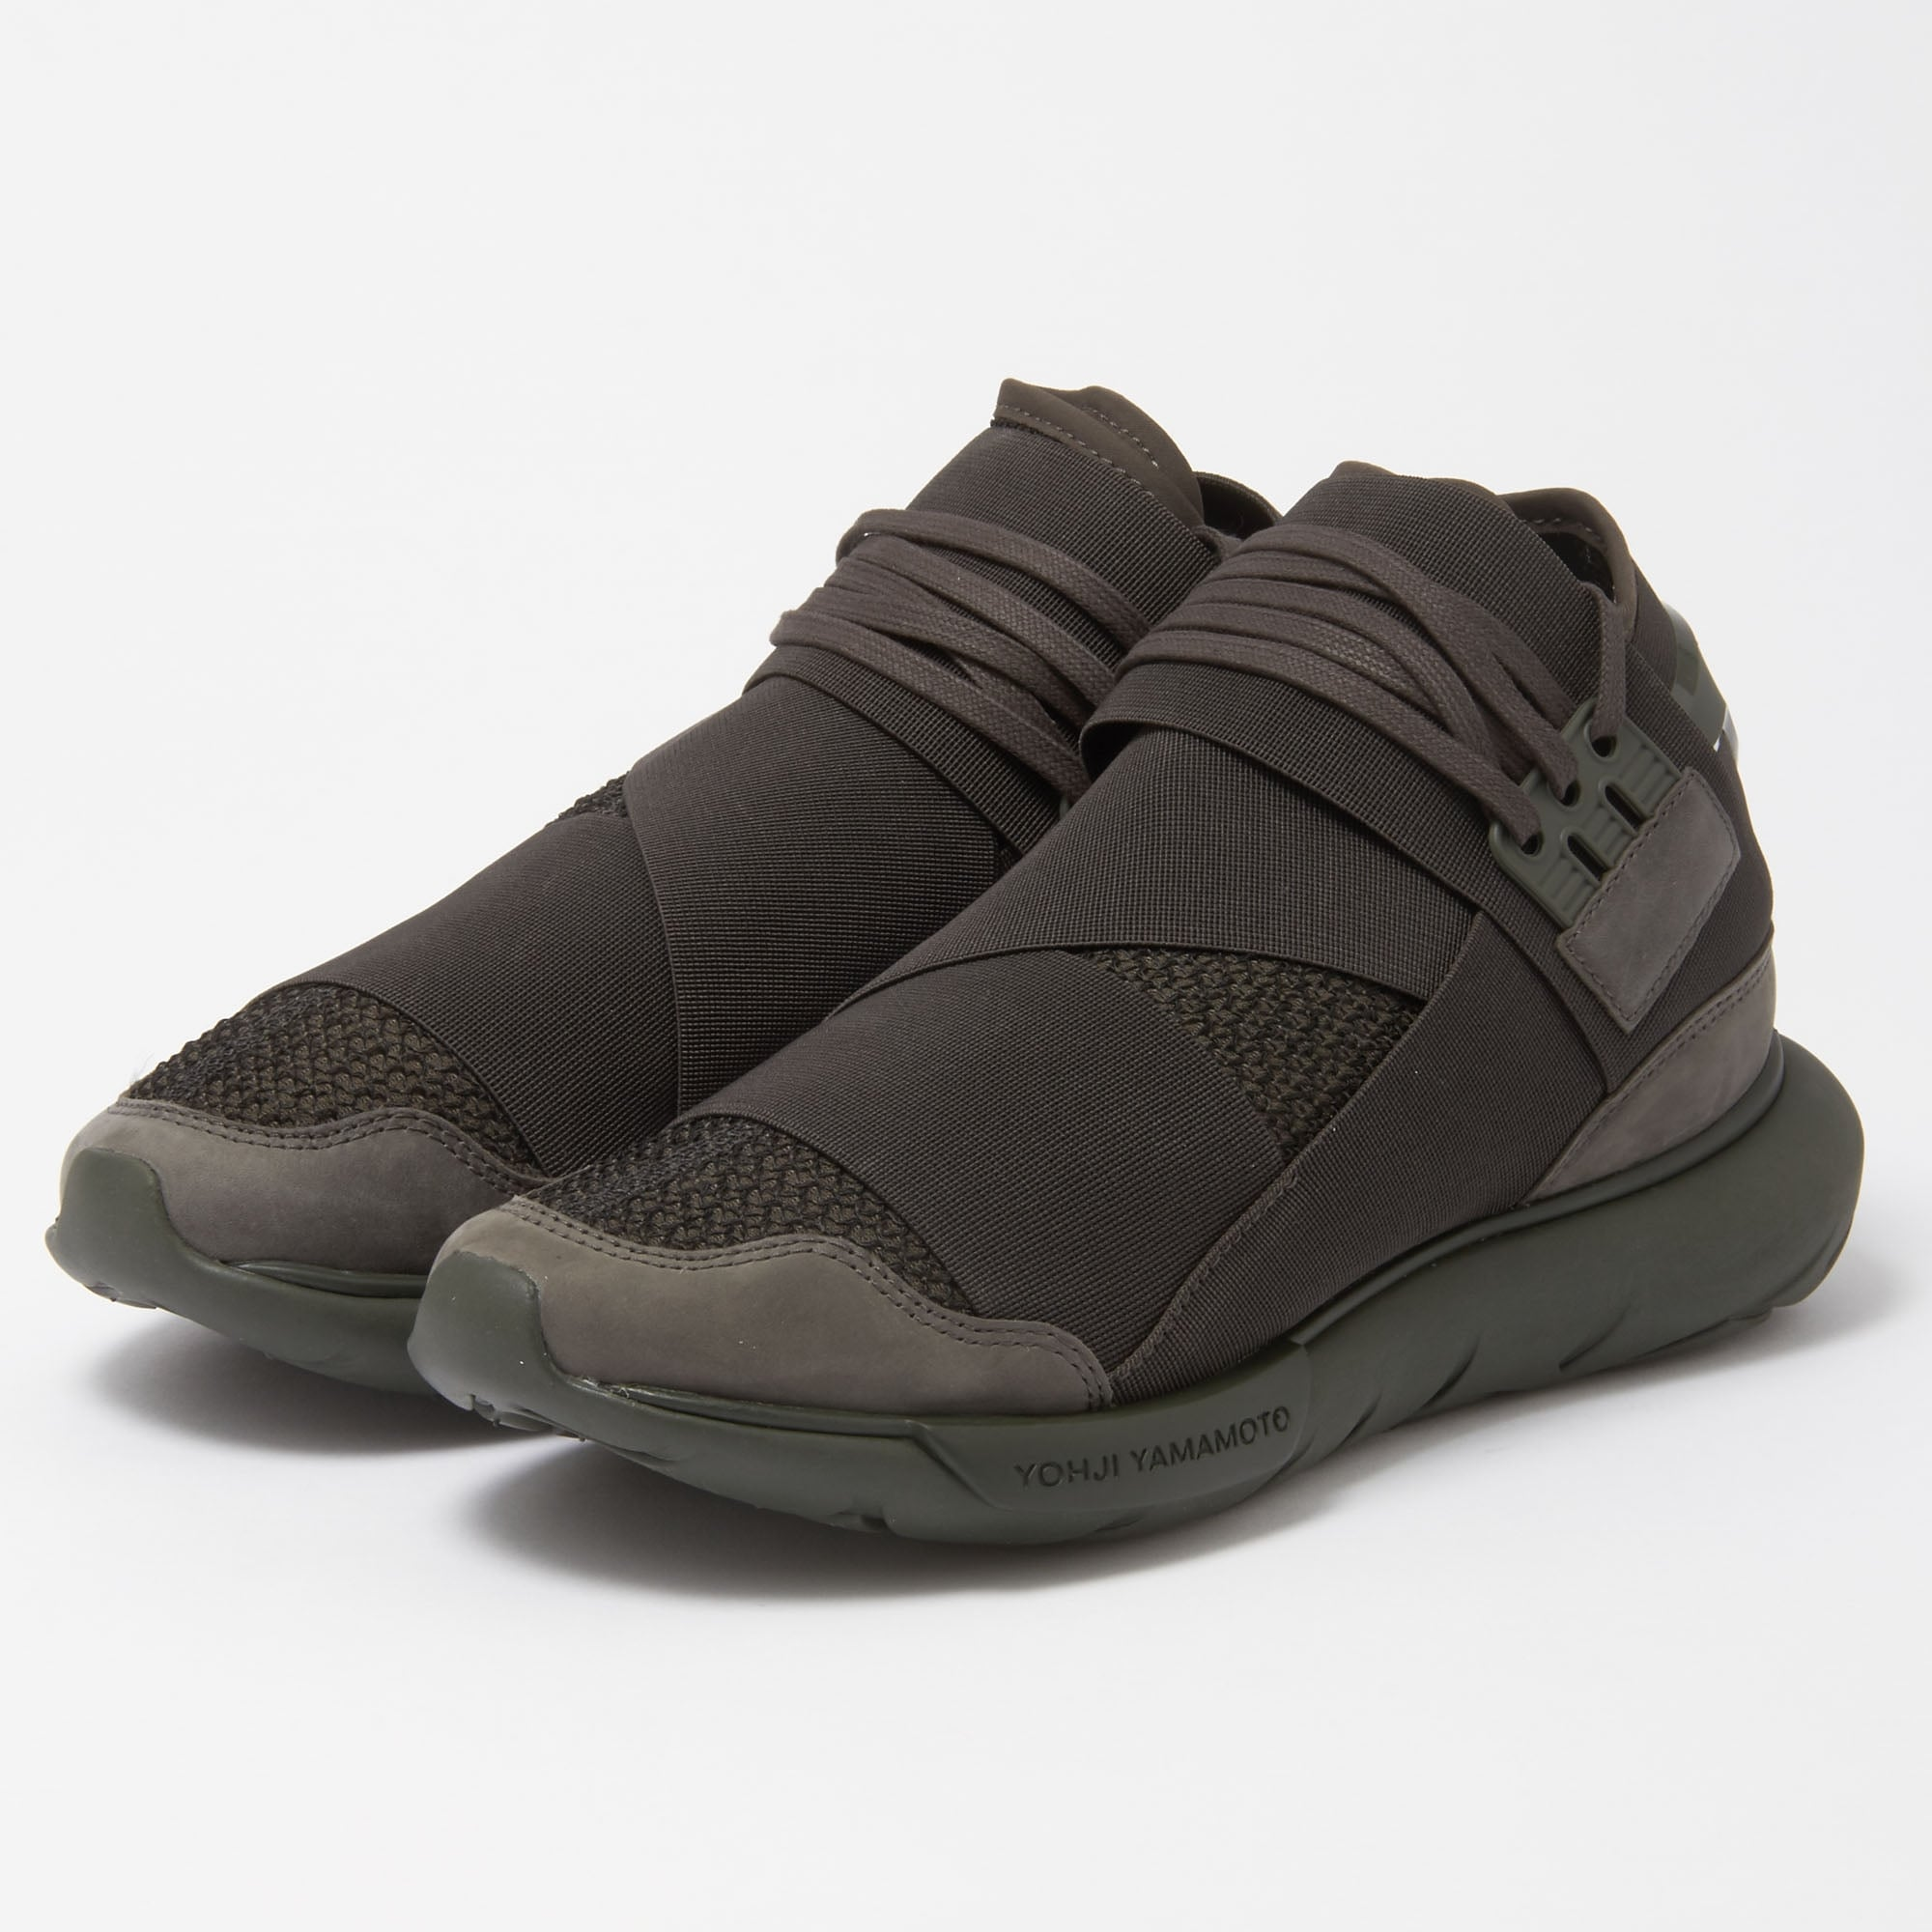 Adidas Y-3 Qasa High Black Olive Sneakers CG3194  48aa4f6d6